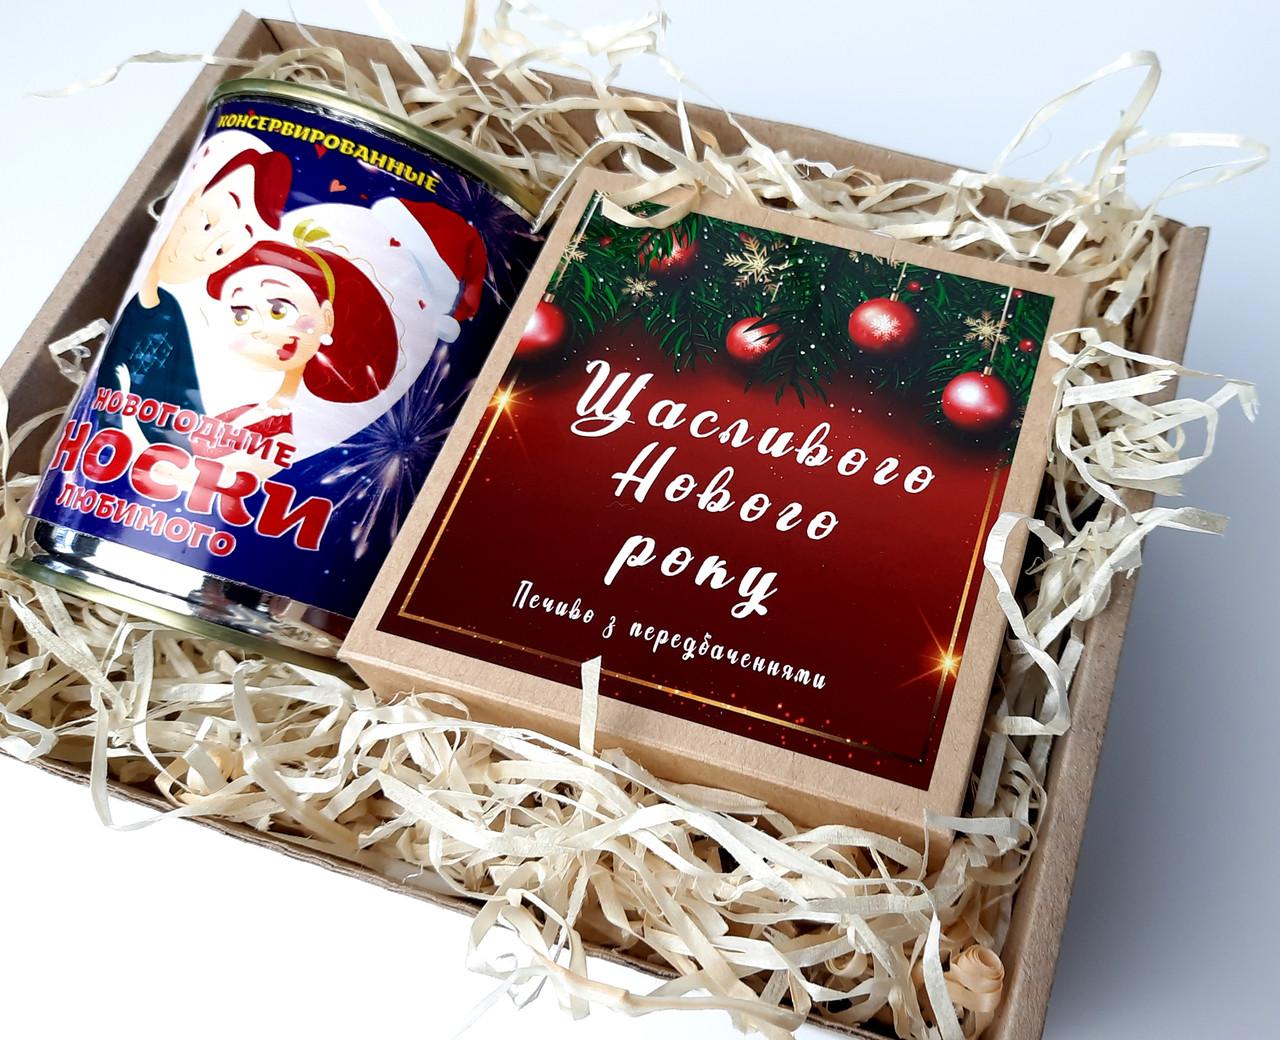 """Новогодний подарок """"Любимому"""": Печенье с предсказаниями  """"Счастливого Нового года!"""" и носки в банке"""